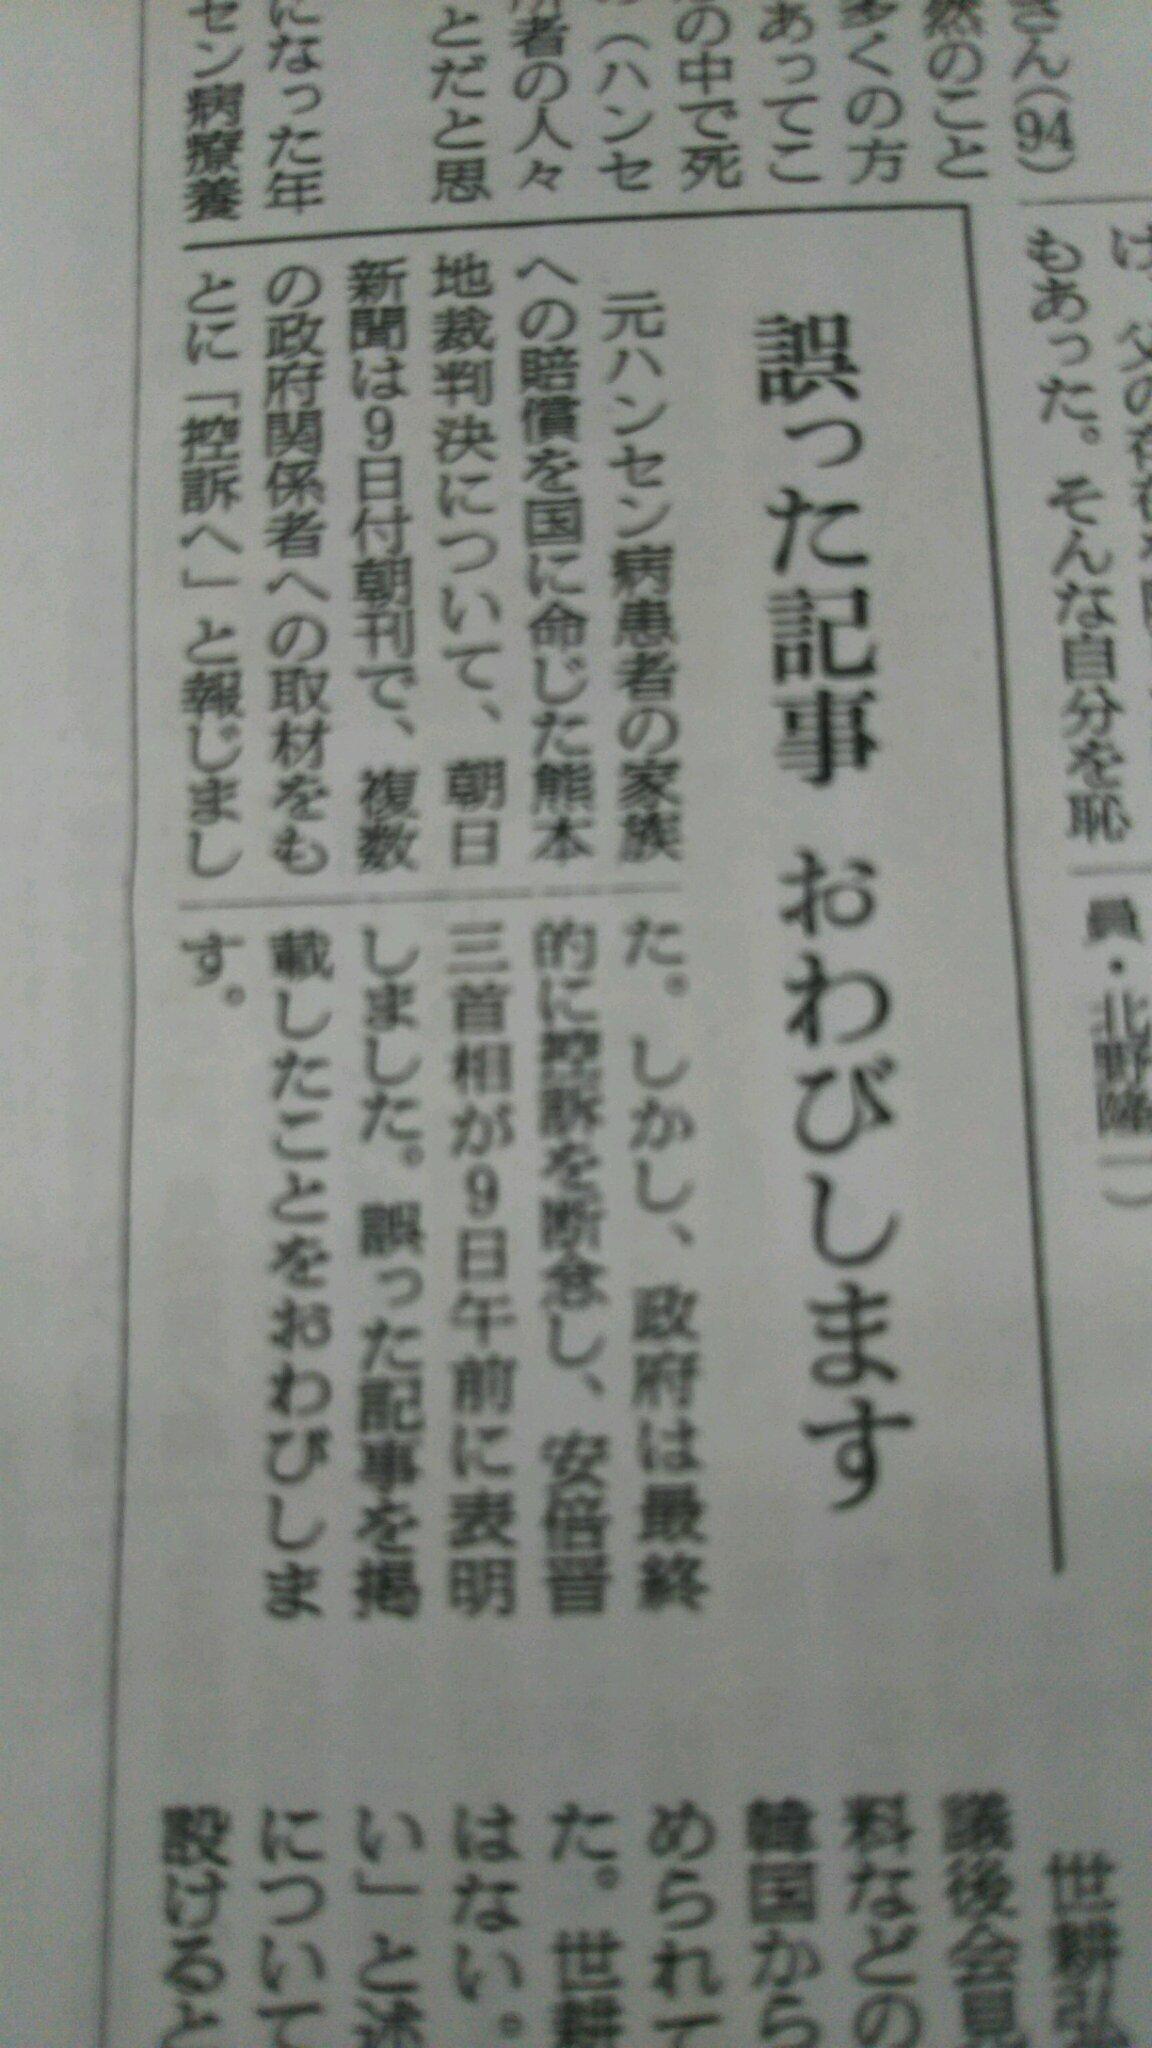 おわびDSC_0033 朝日